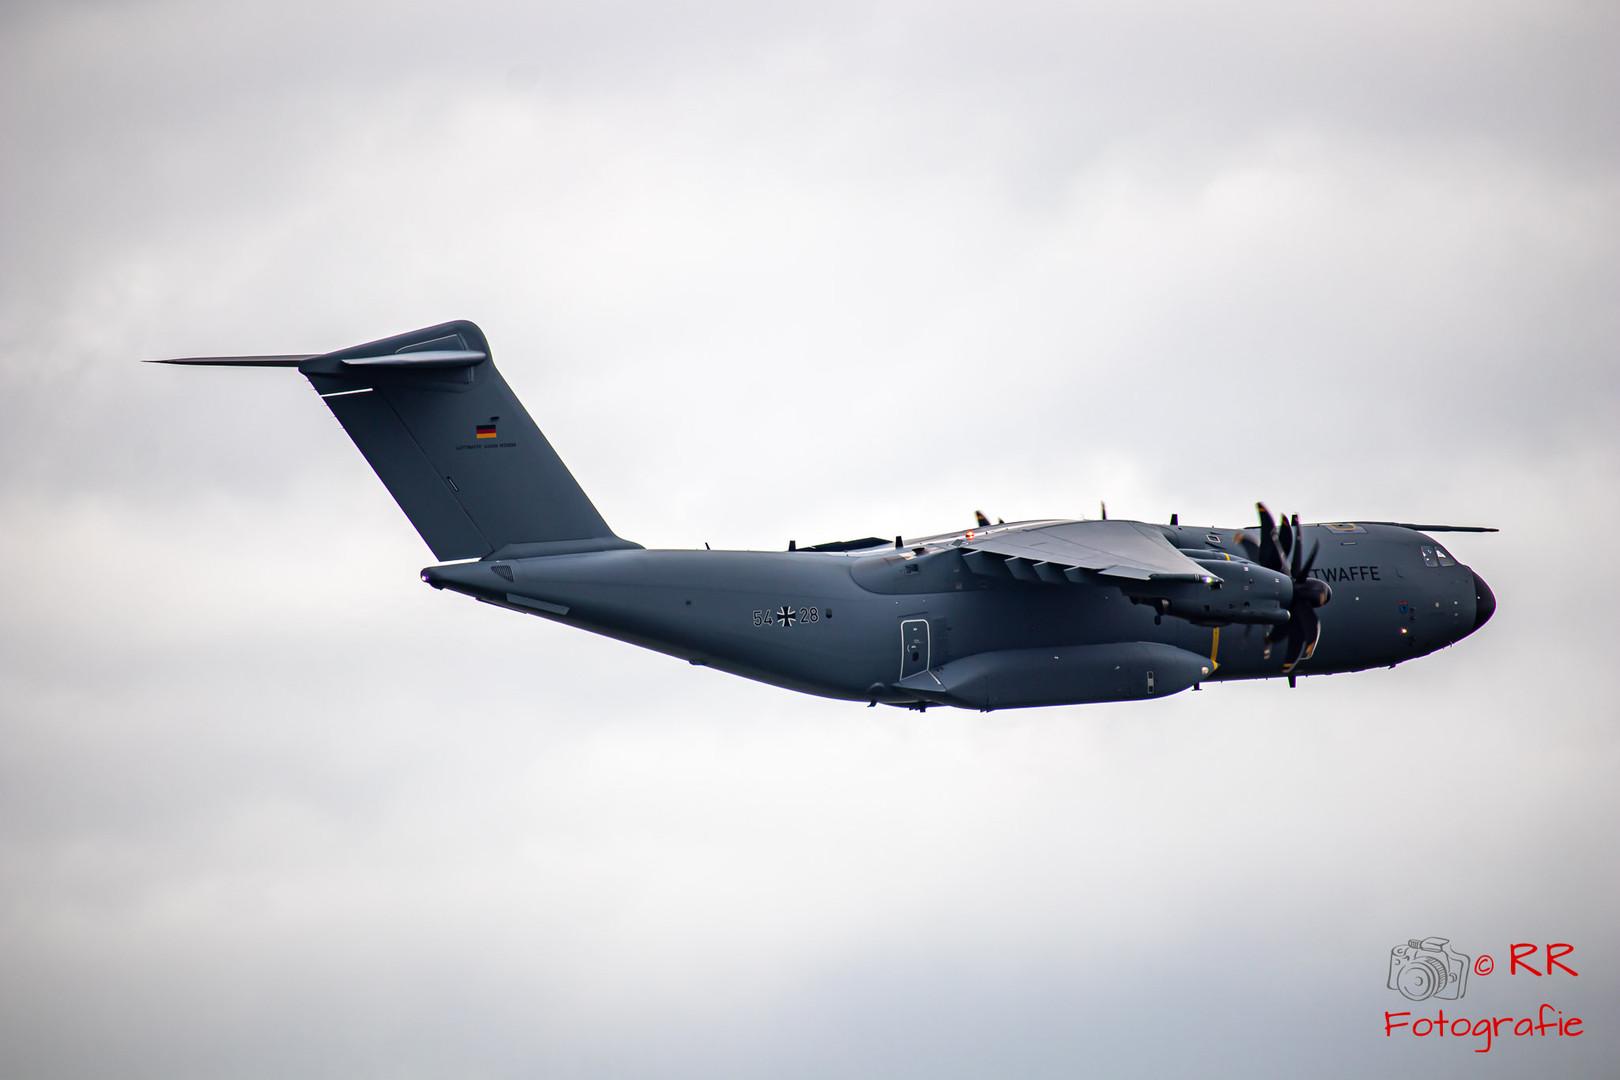 2019.06.15 Tag der Bundeswehr-141.jpg